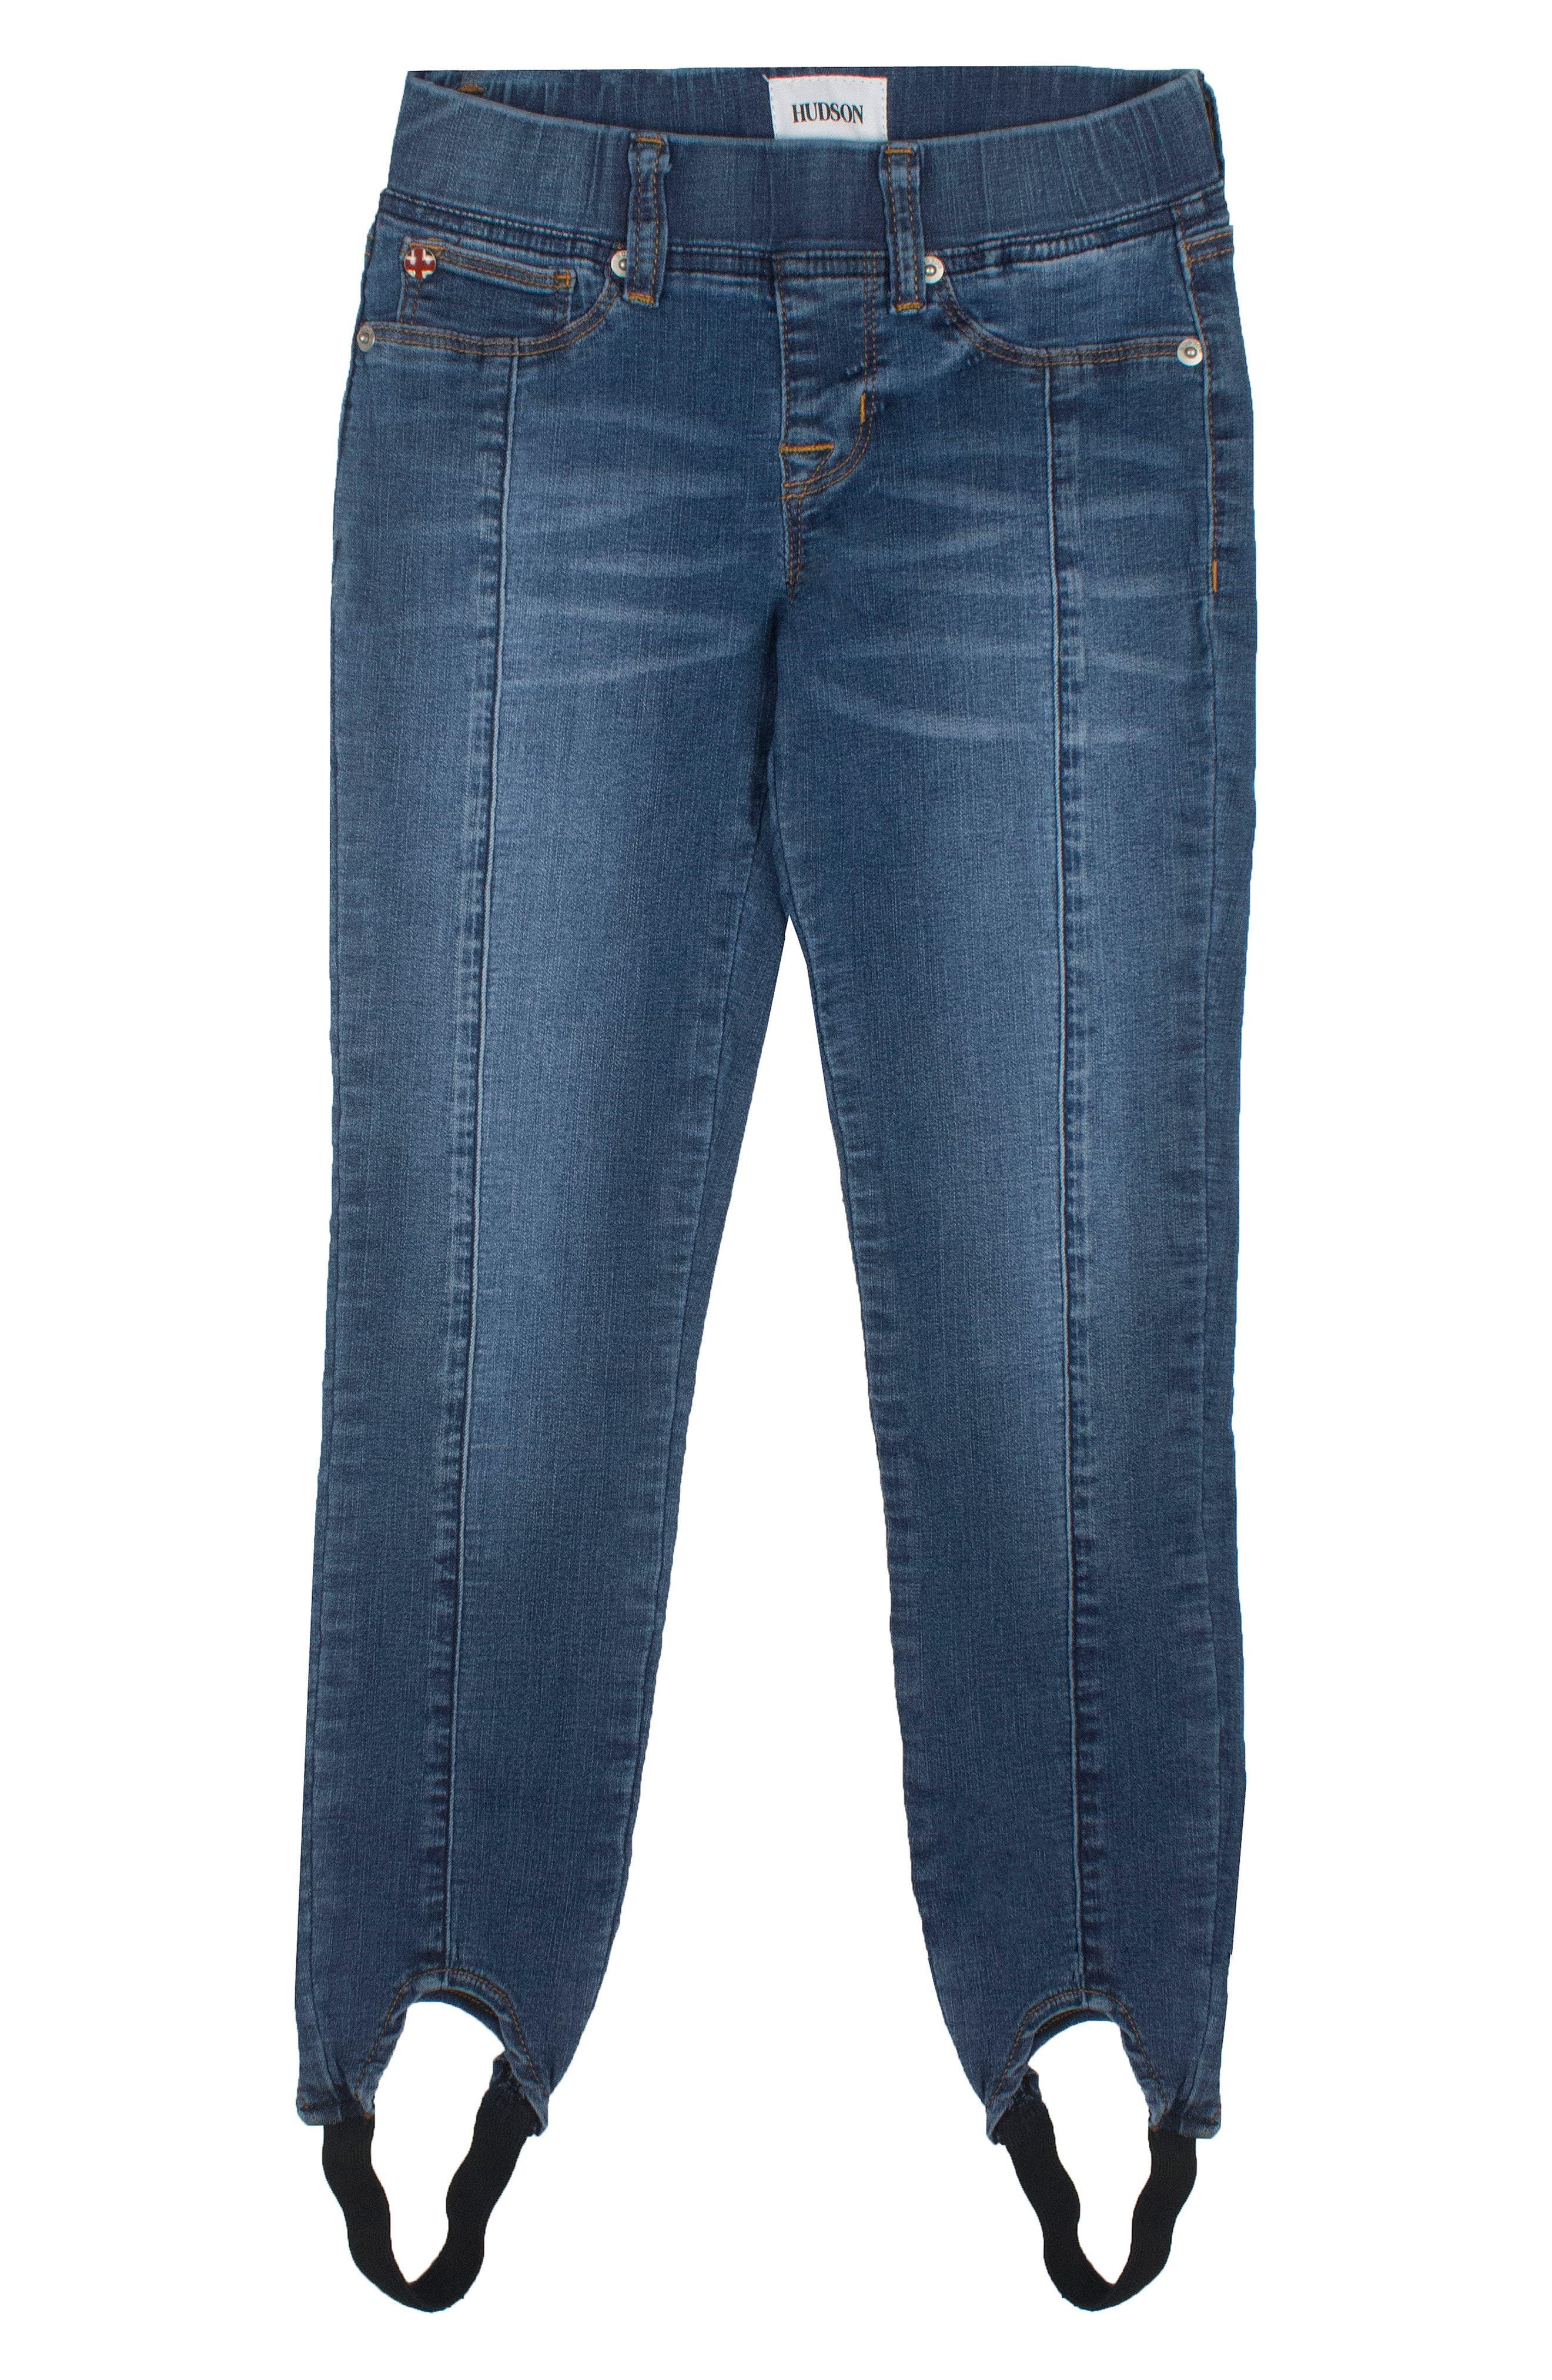 Rosa Stirrup Jeans,                         Main,                         color, Naval Blue